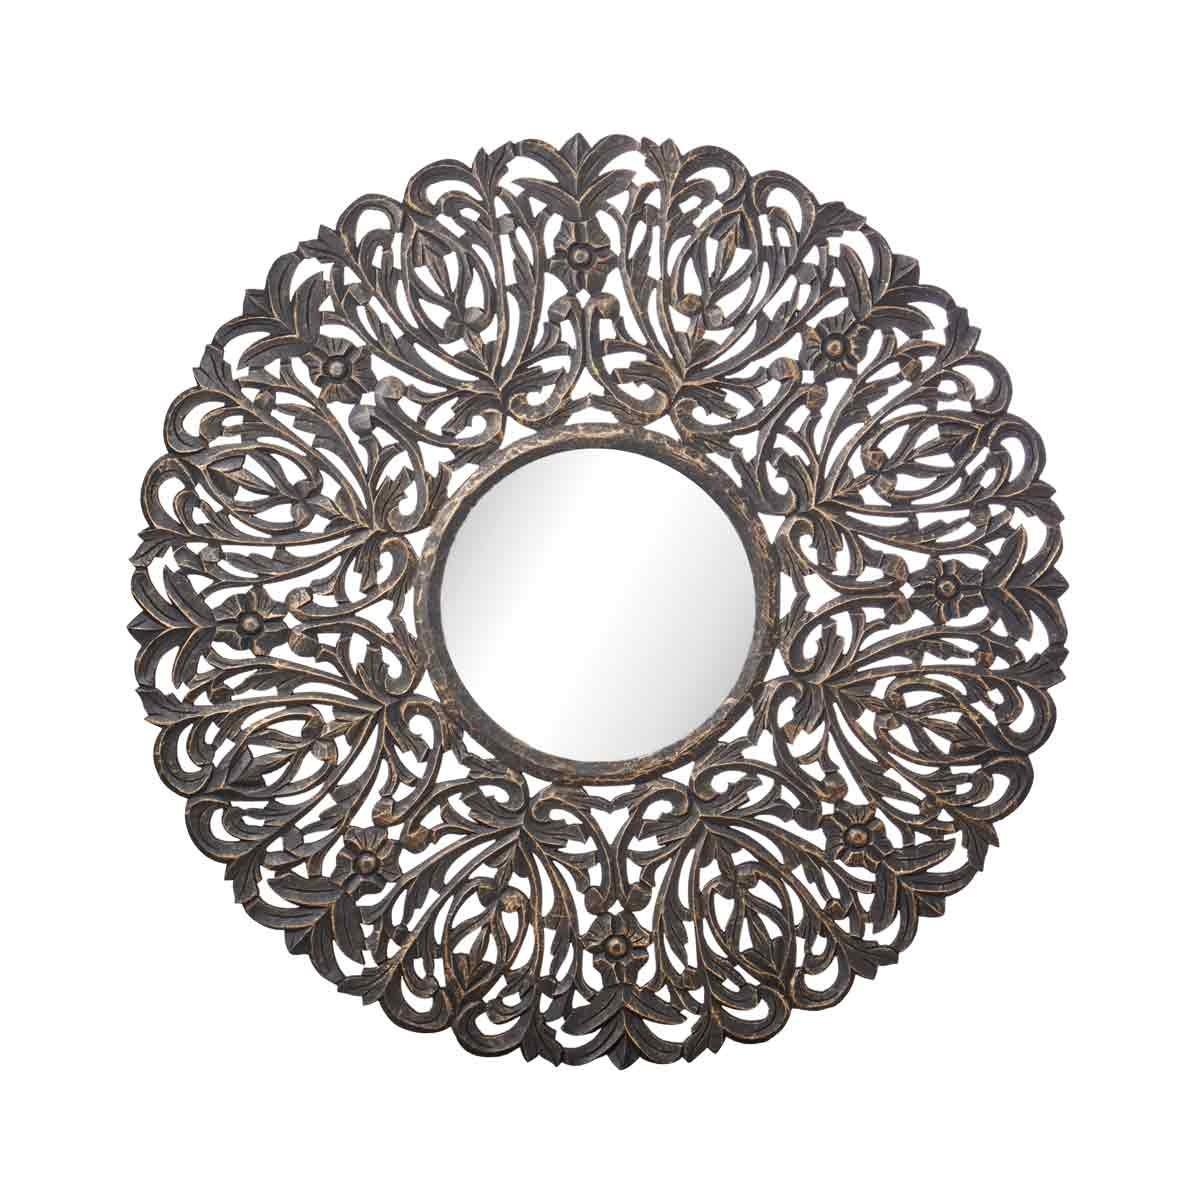 Wandbild-Spiegel / Wanddeko - D 90cm - Holz MDF schwarz/goldfarben lackiert